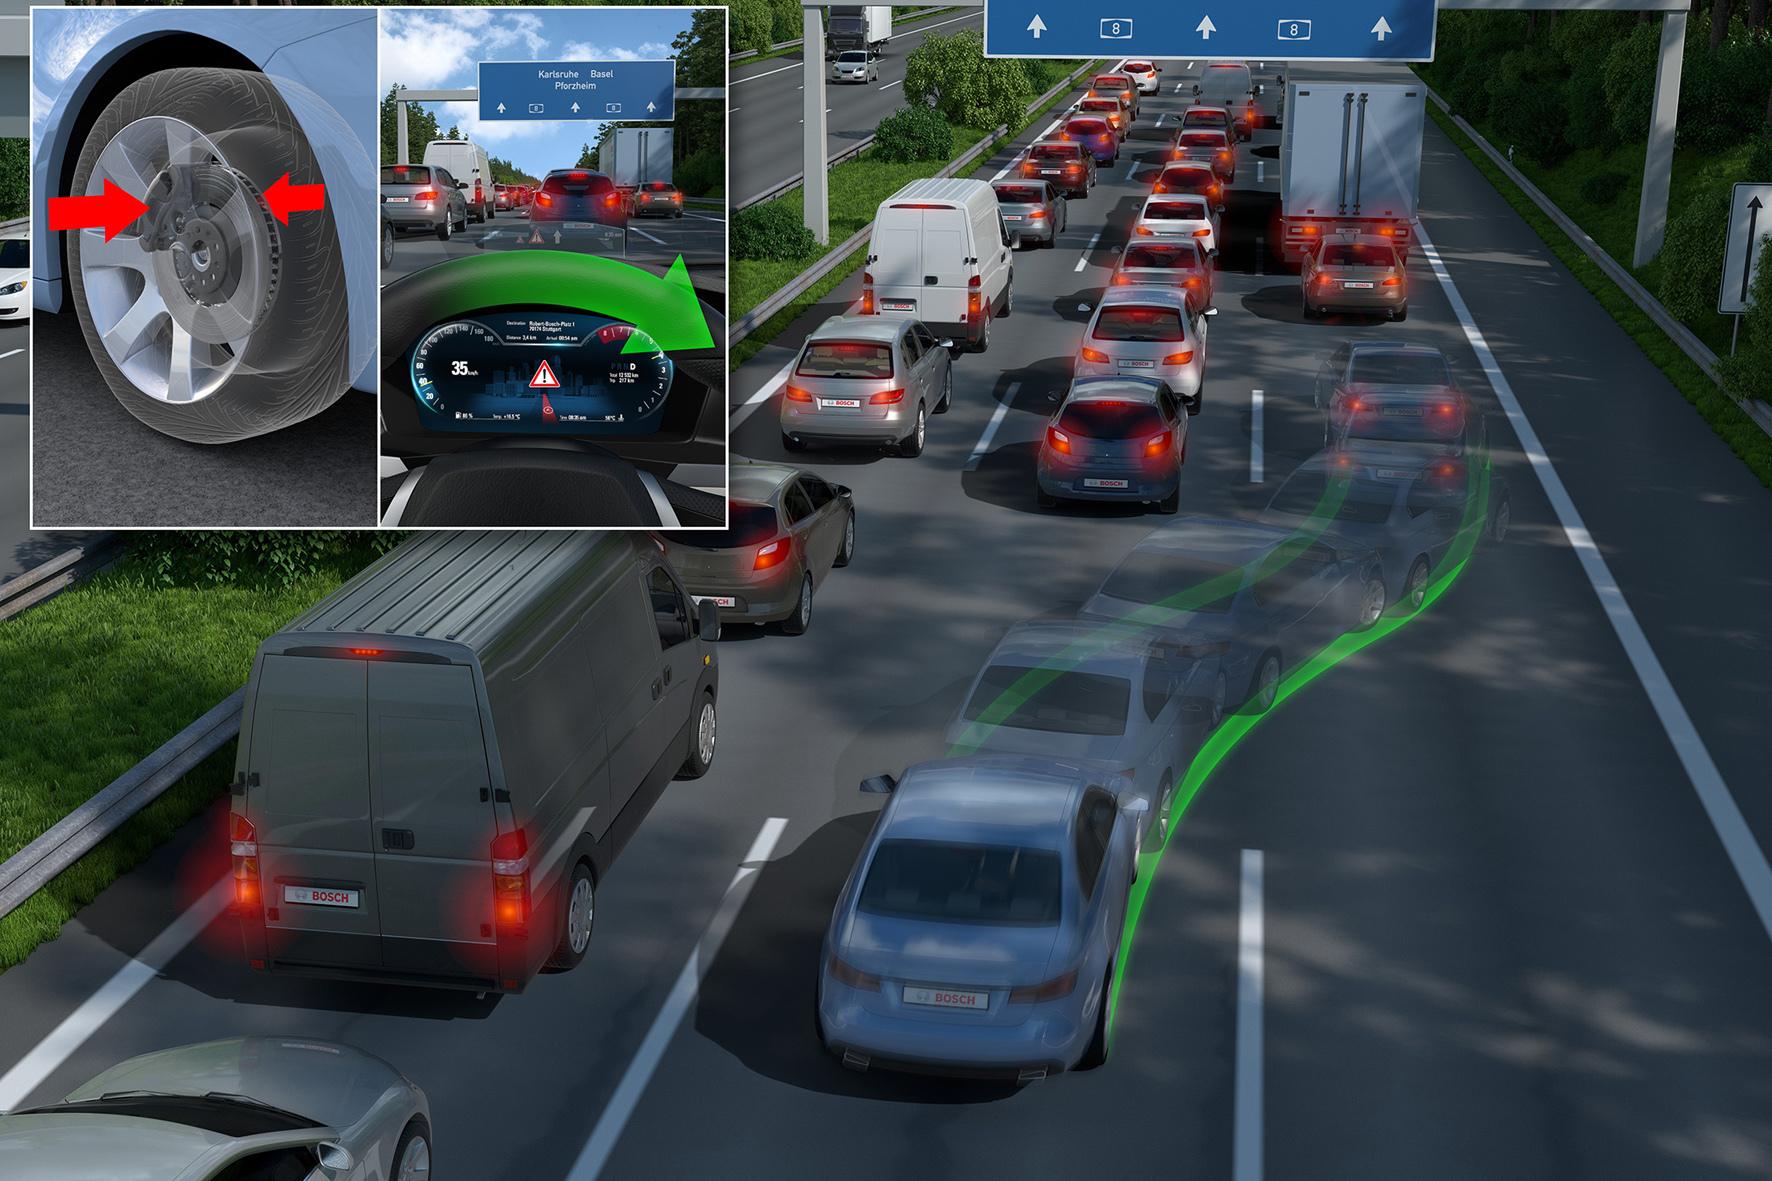 mid Düsseldorf - Ein neuer Ausweich-Assistent von Bosch soll mittels Radar- und Video-Sensoren ein Hindernis erkennen und den Fahrer beim Ausweichen unterstützen.